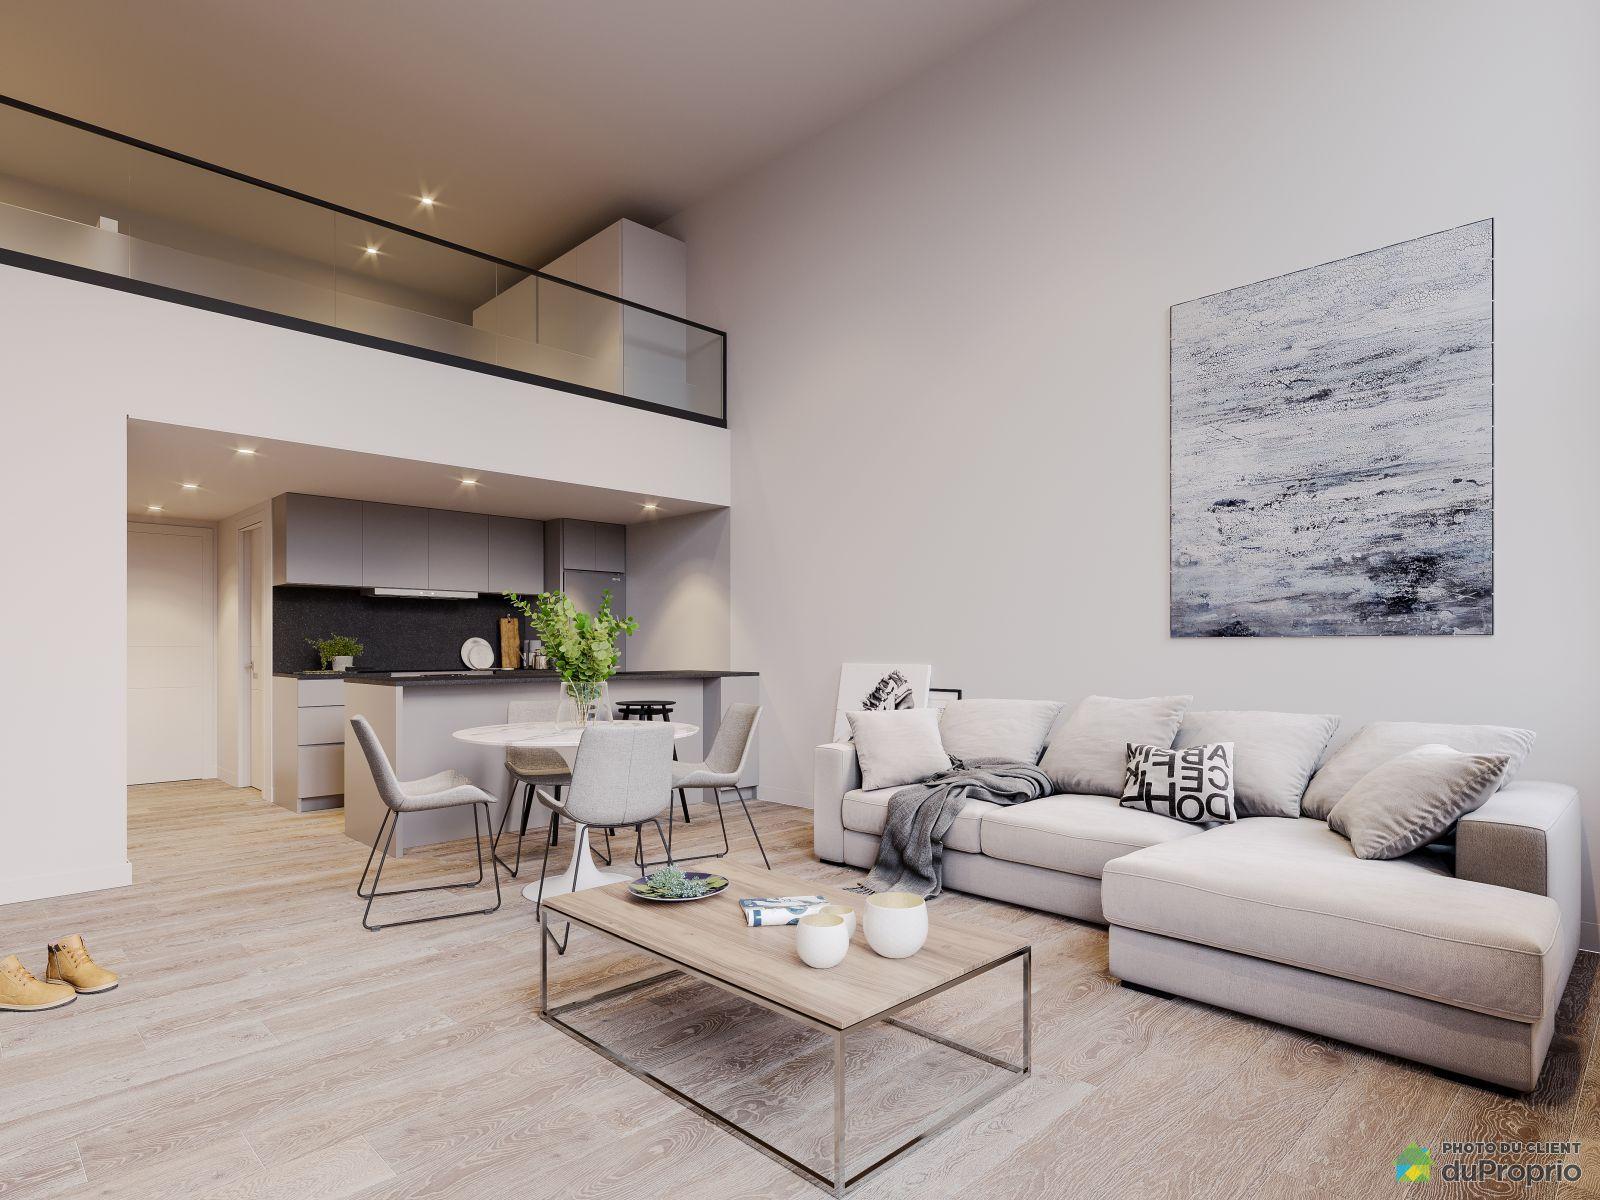 Open Concept - 109-745 1e avenue, Lachine for sale